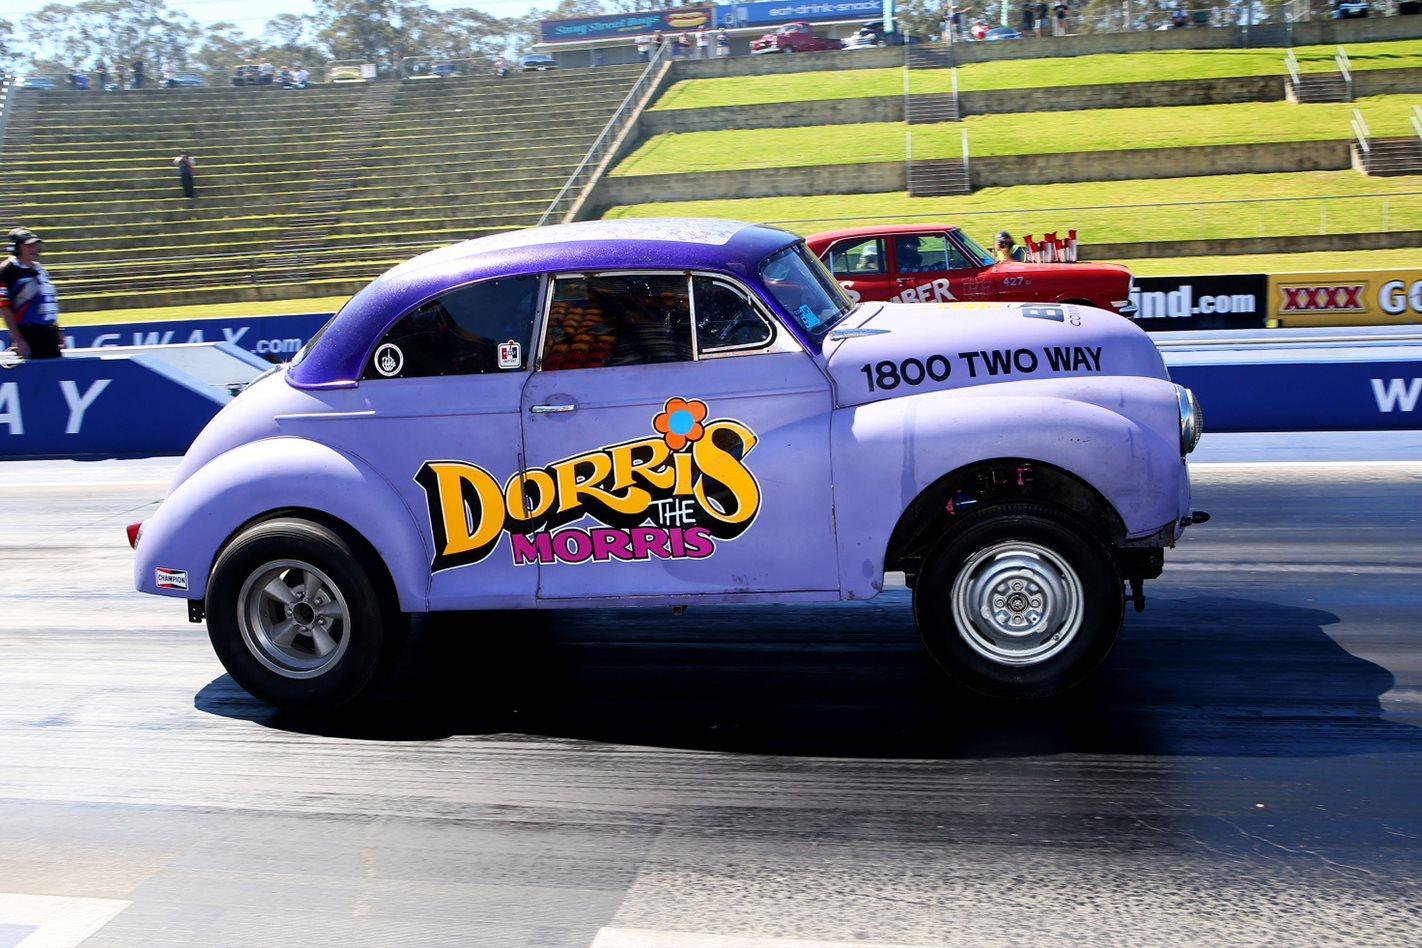 Dorris The Morris